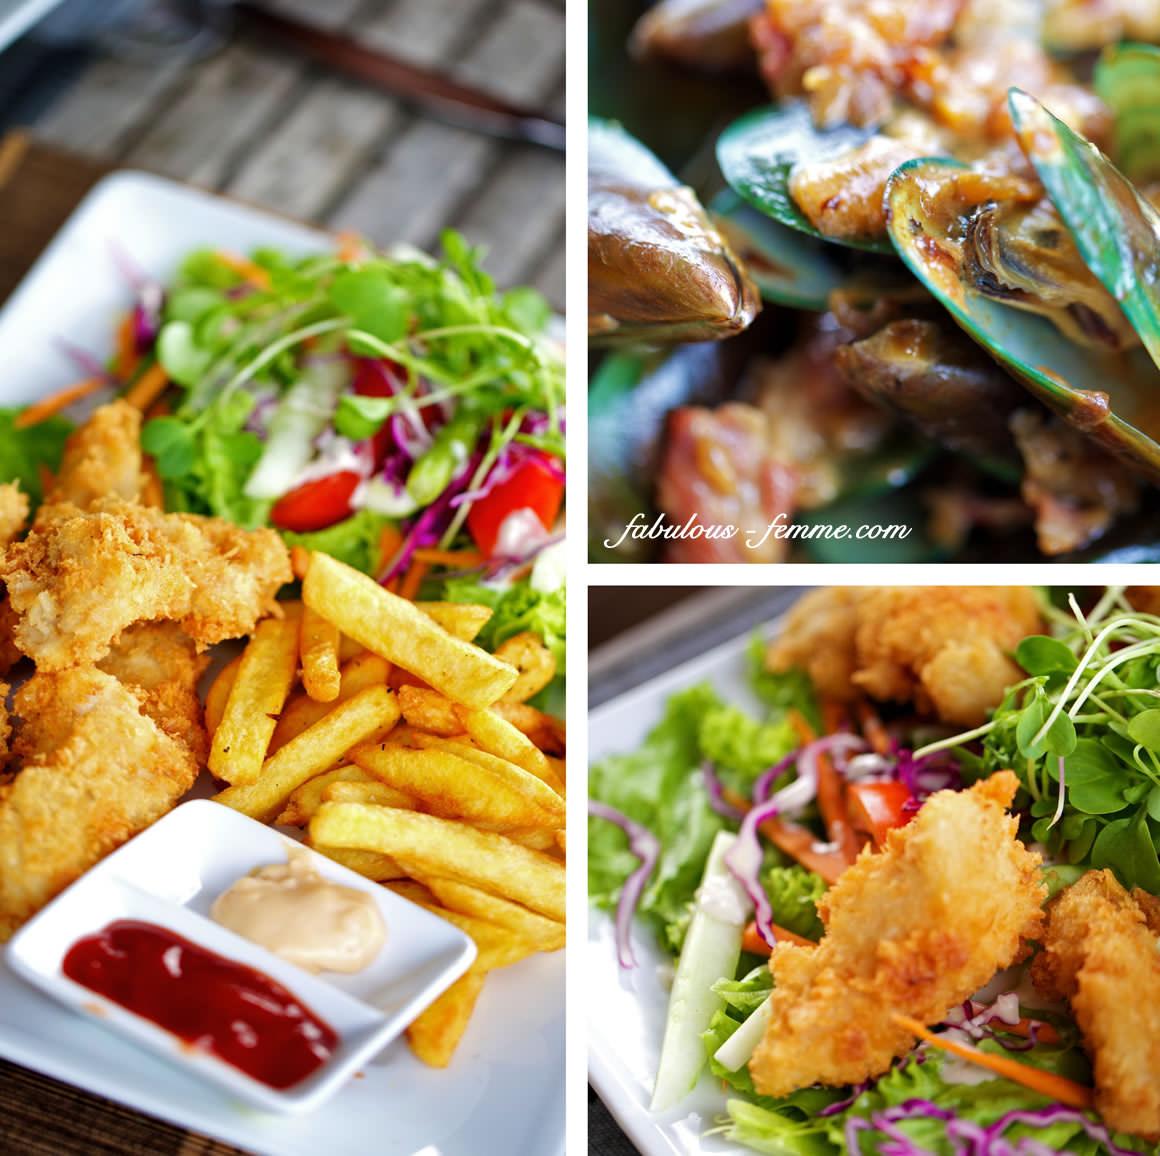 mussles-restaurant-anbang